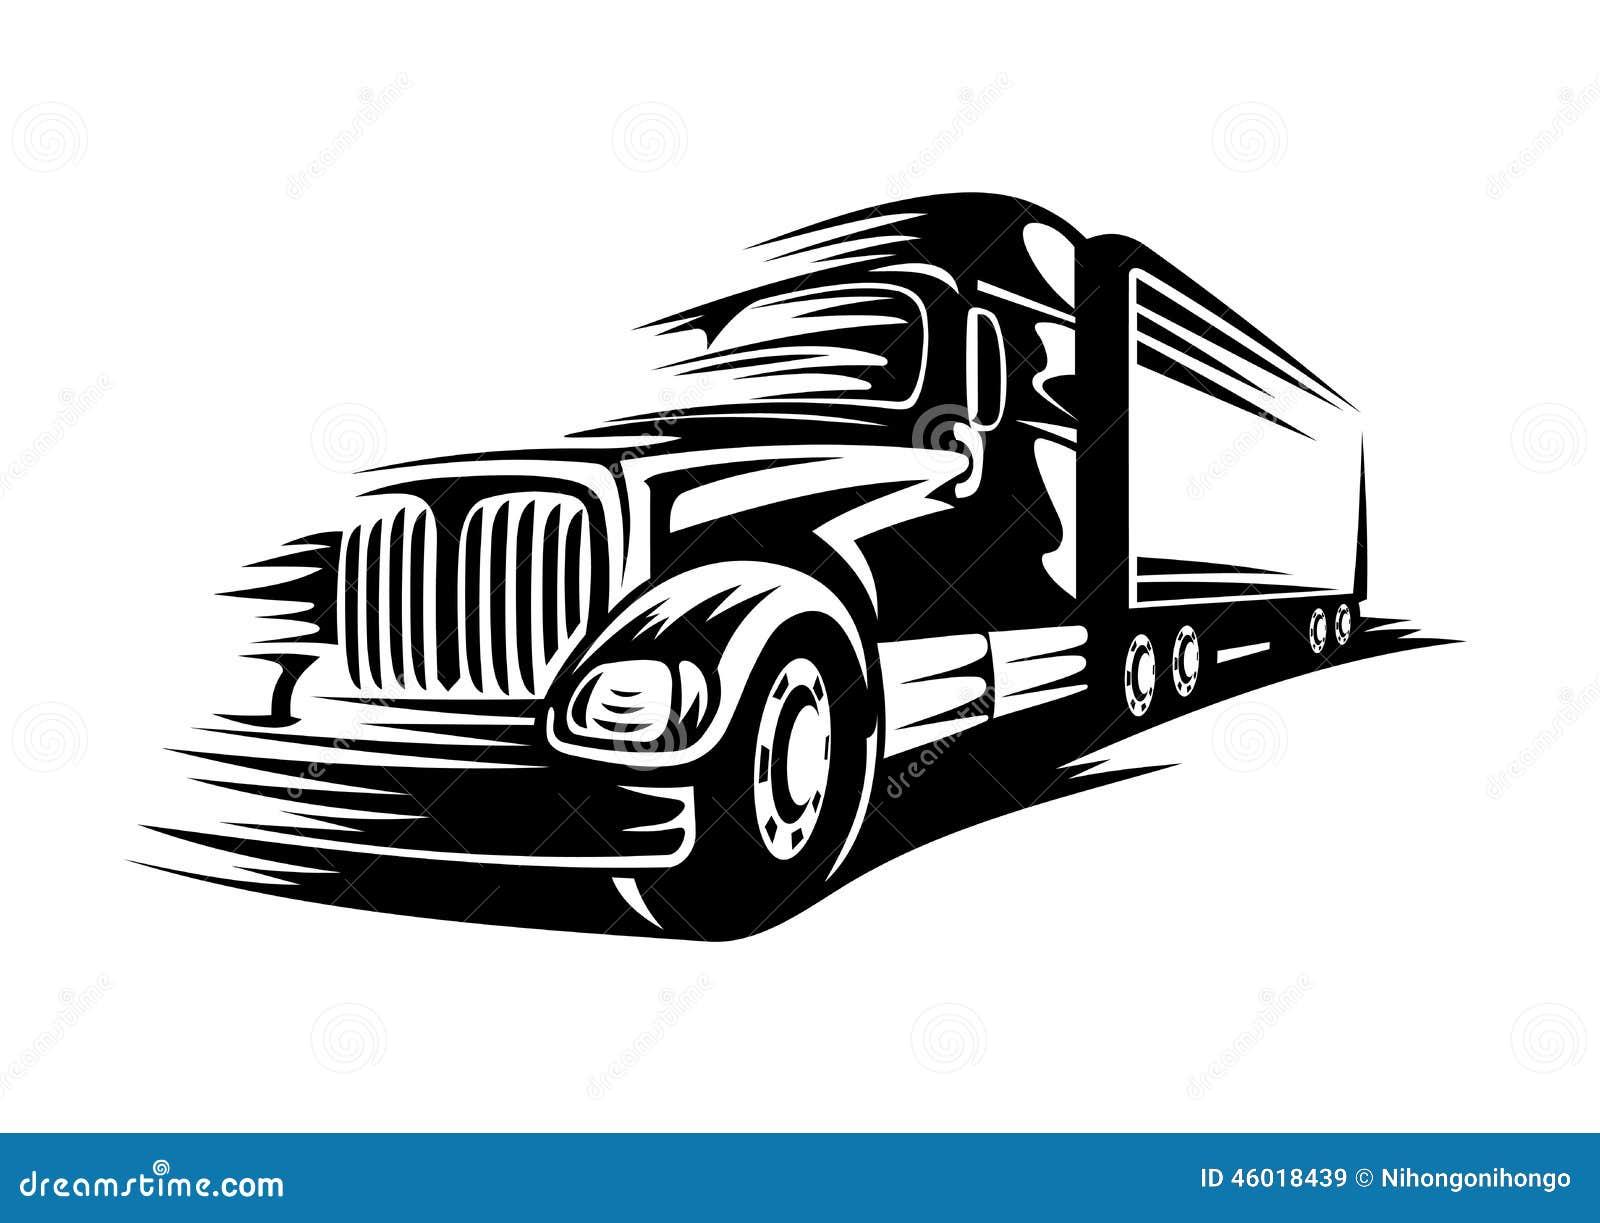 Stock Illustration Moving Truck Delivery Road Transportation Design Vector Illustration Image46018439 on Diesel Car Engine